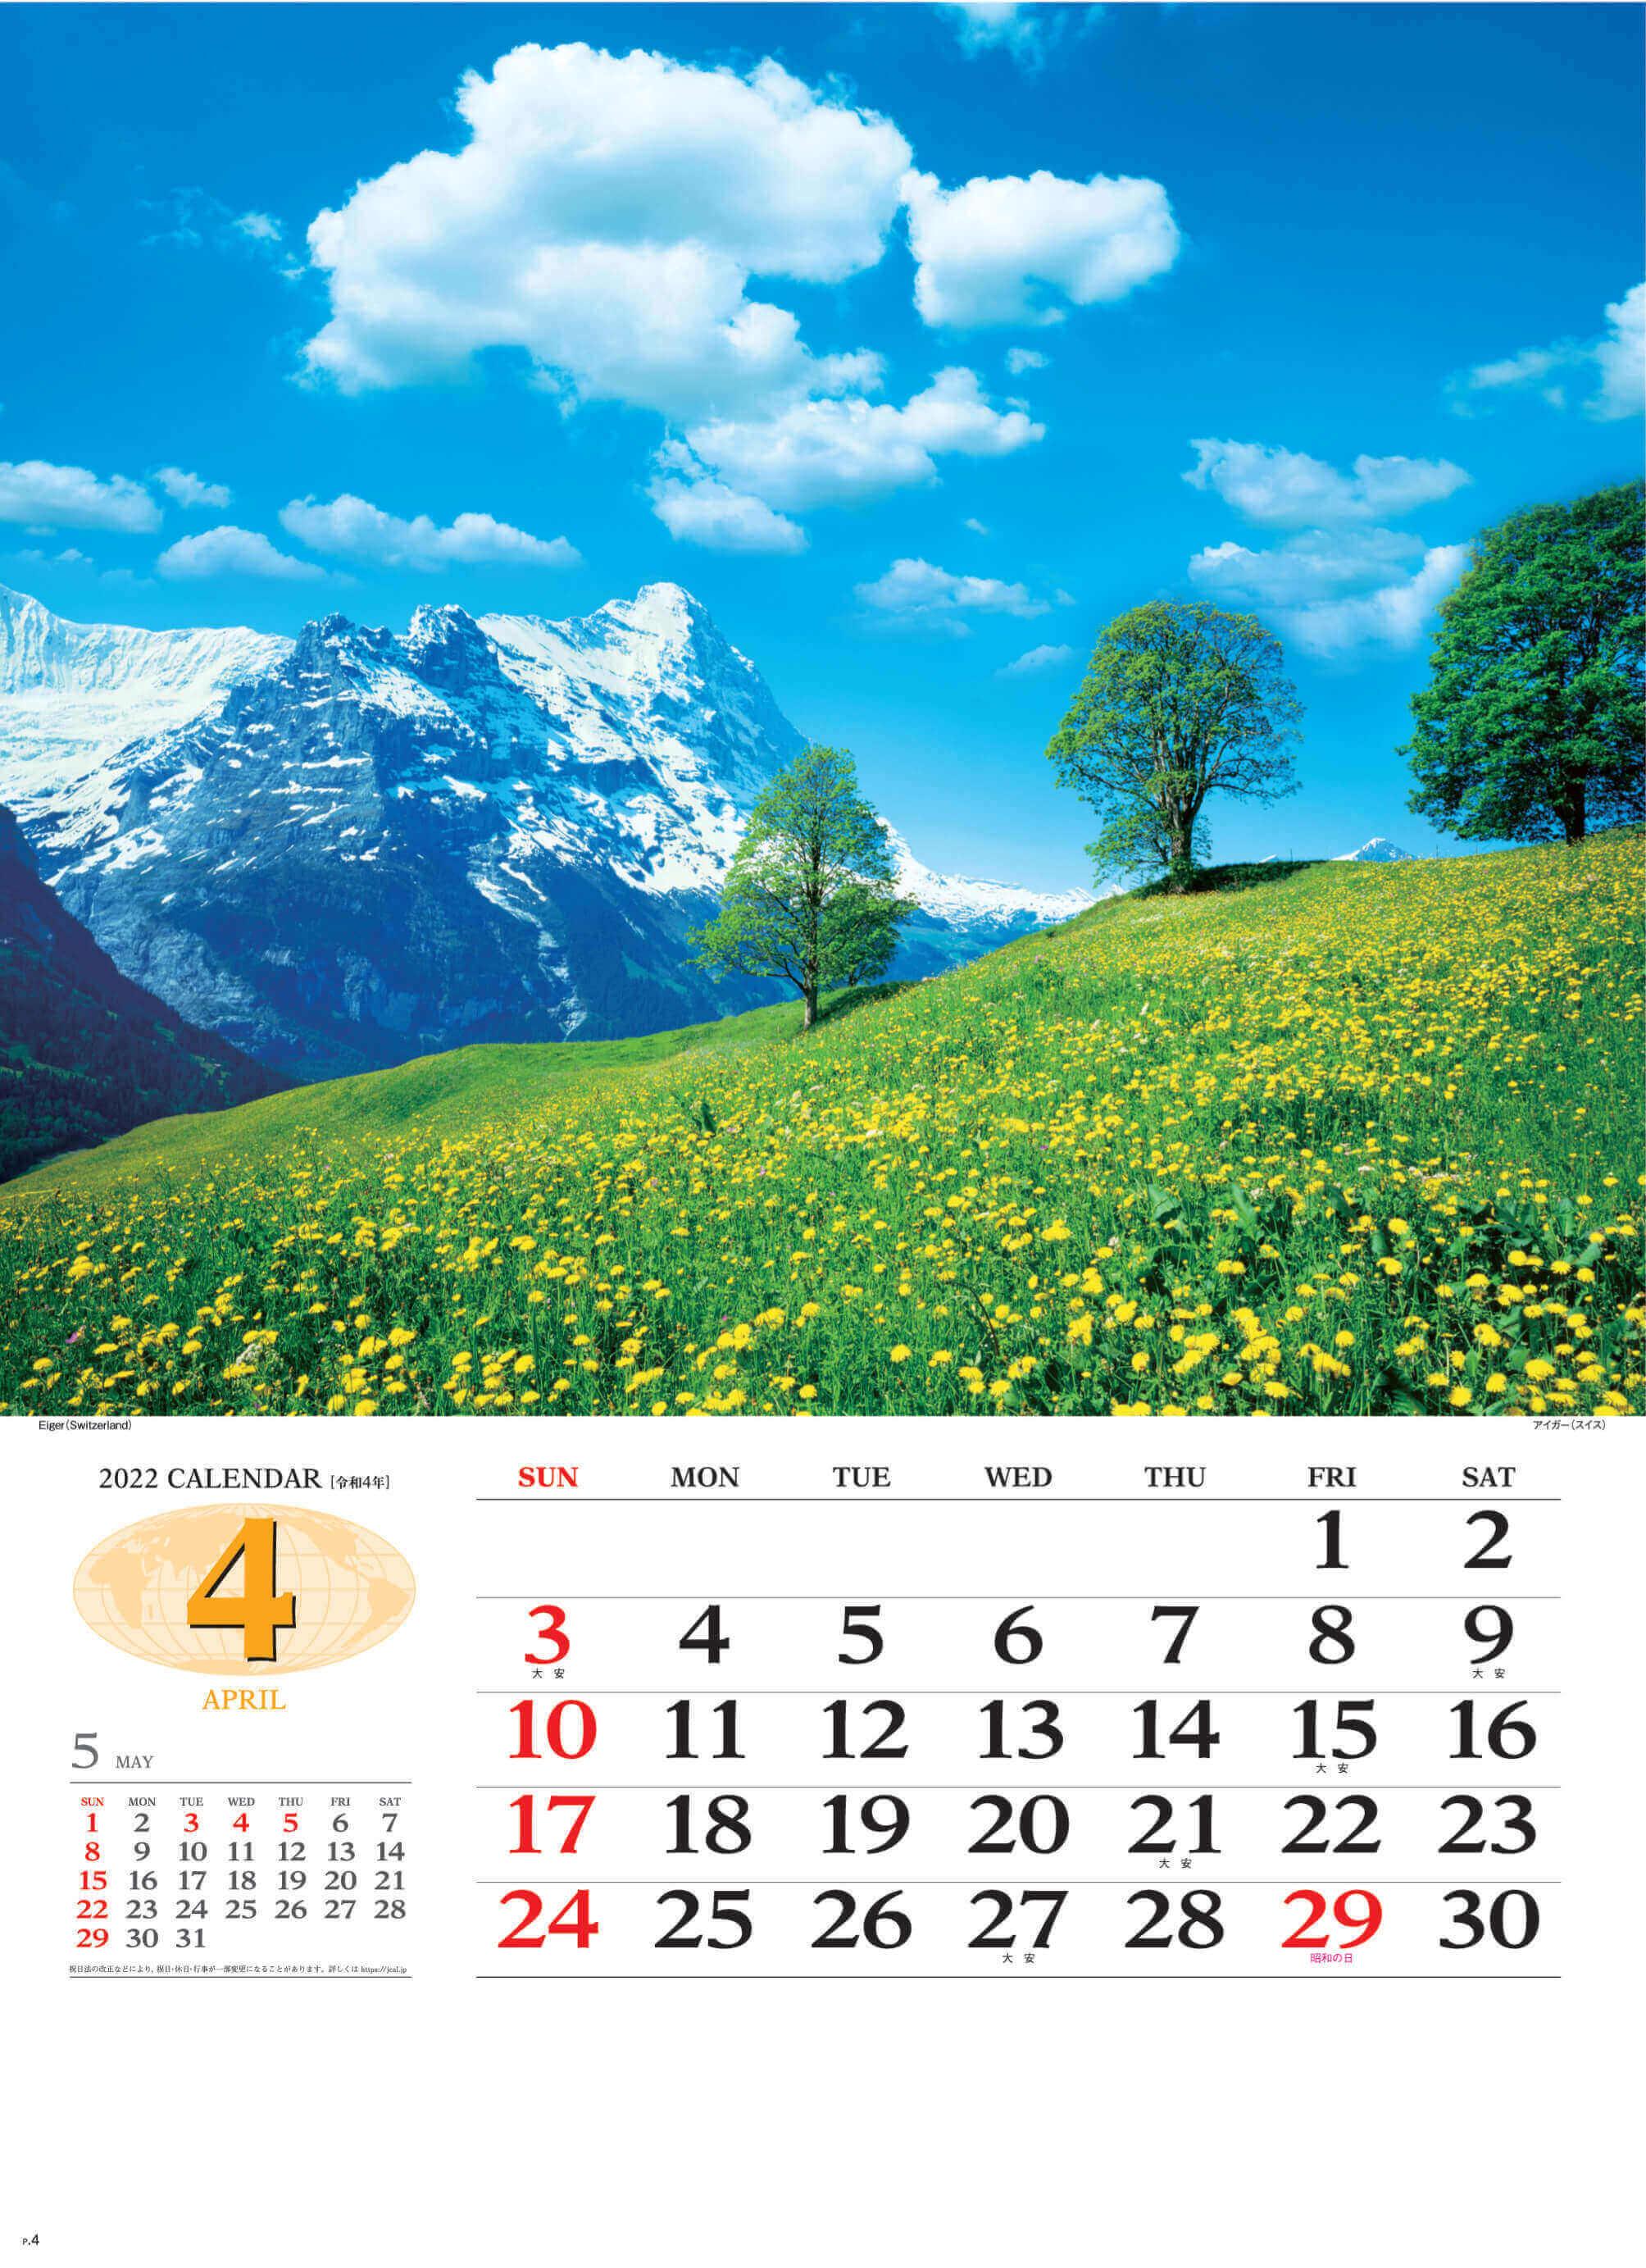 4月 アイガー スイス 世界の景観 2022年カレンダーの画像